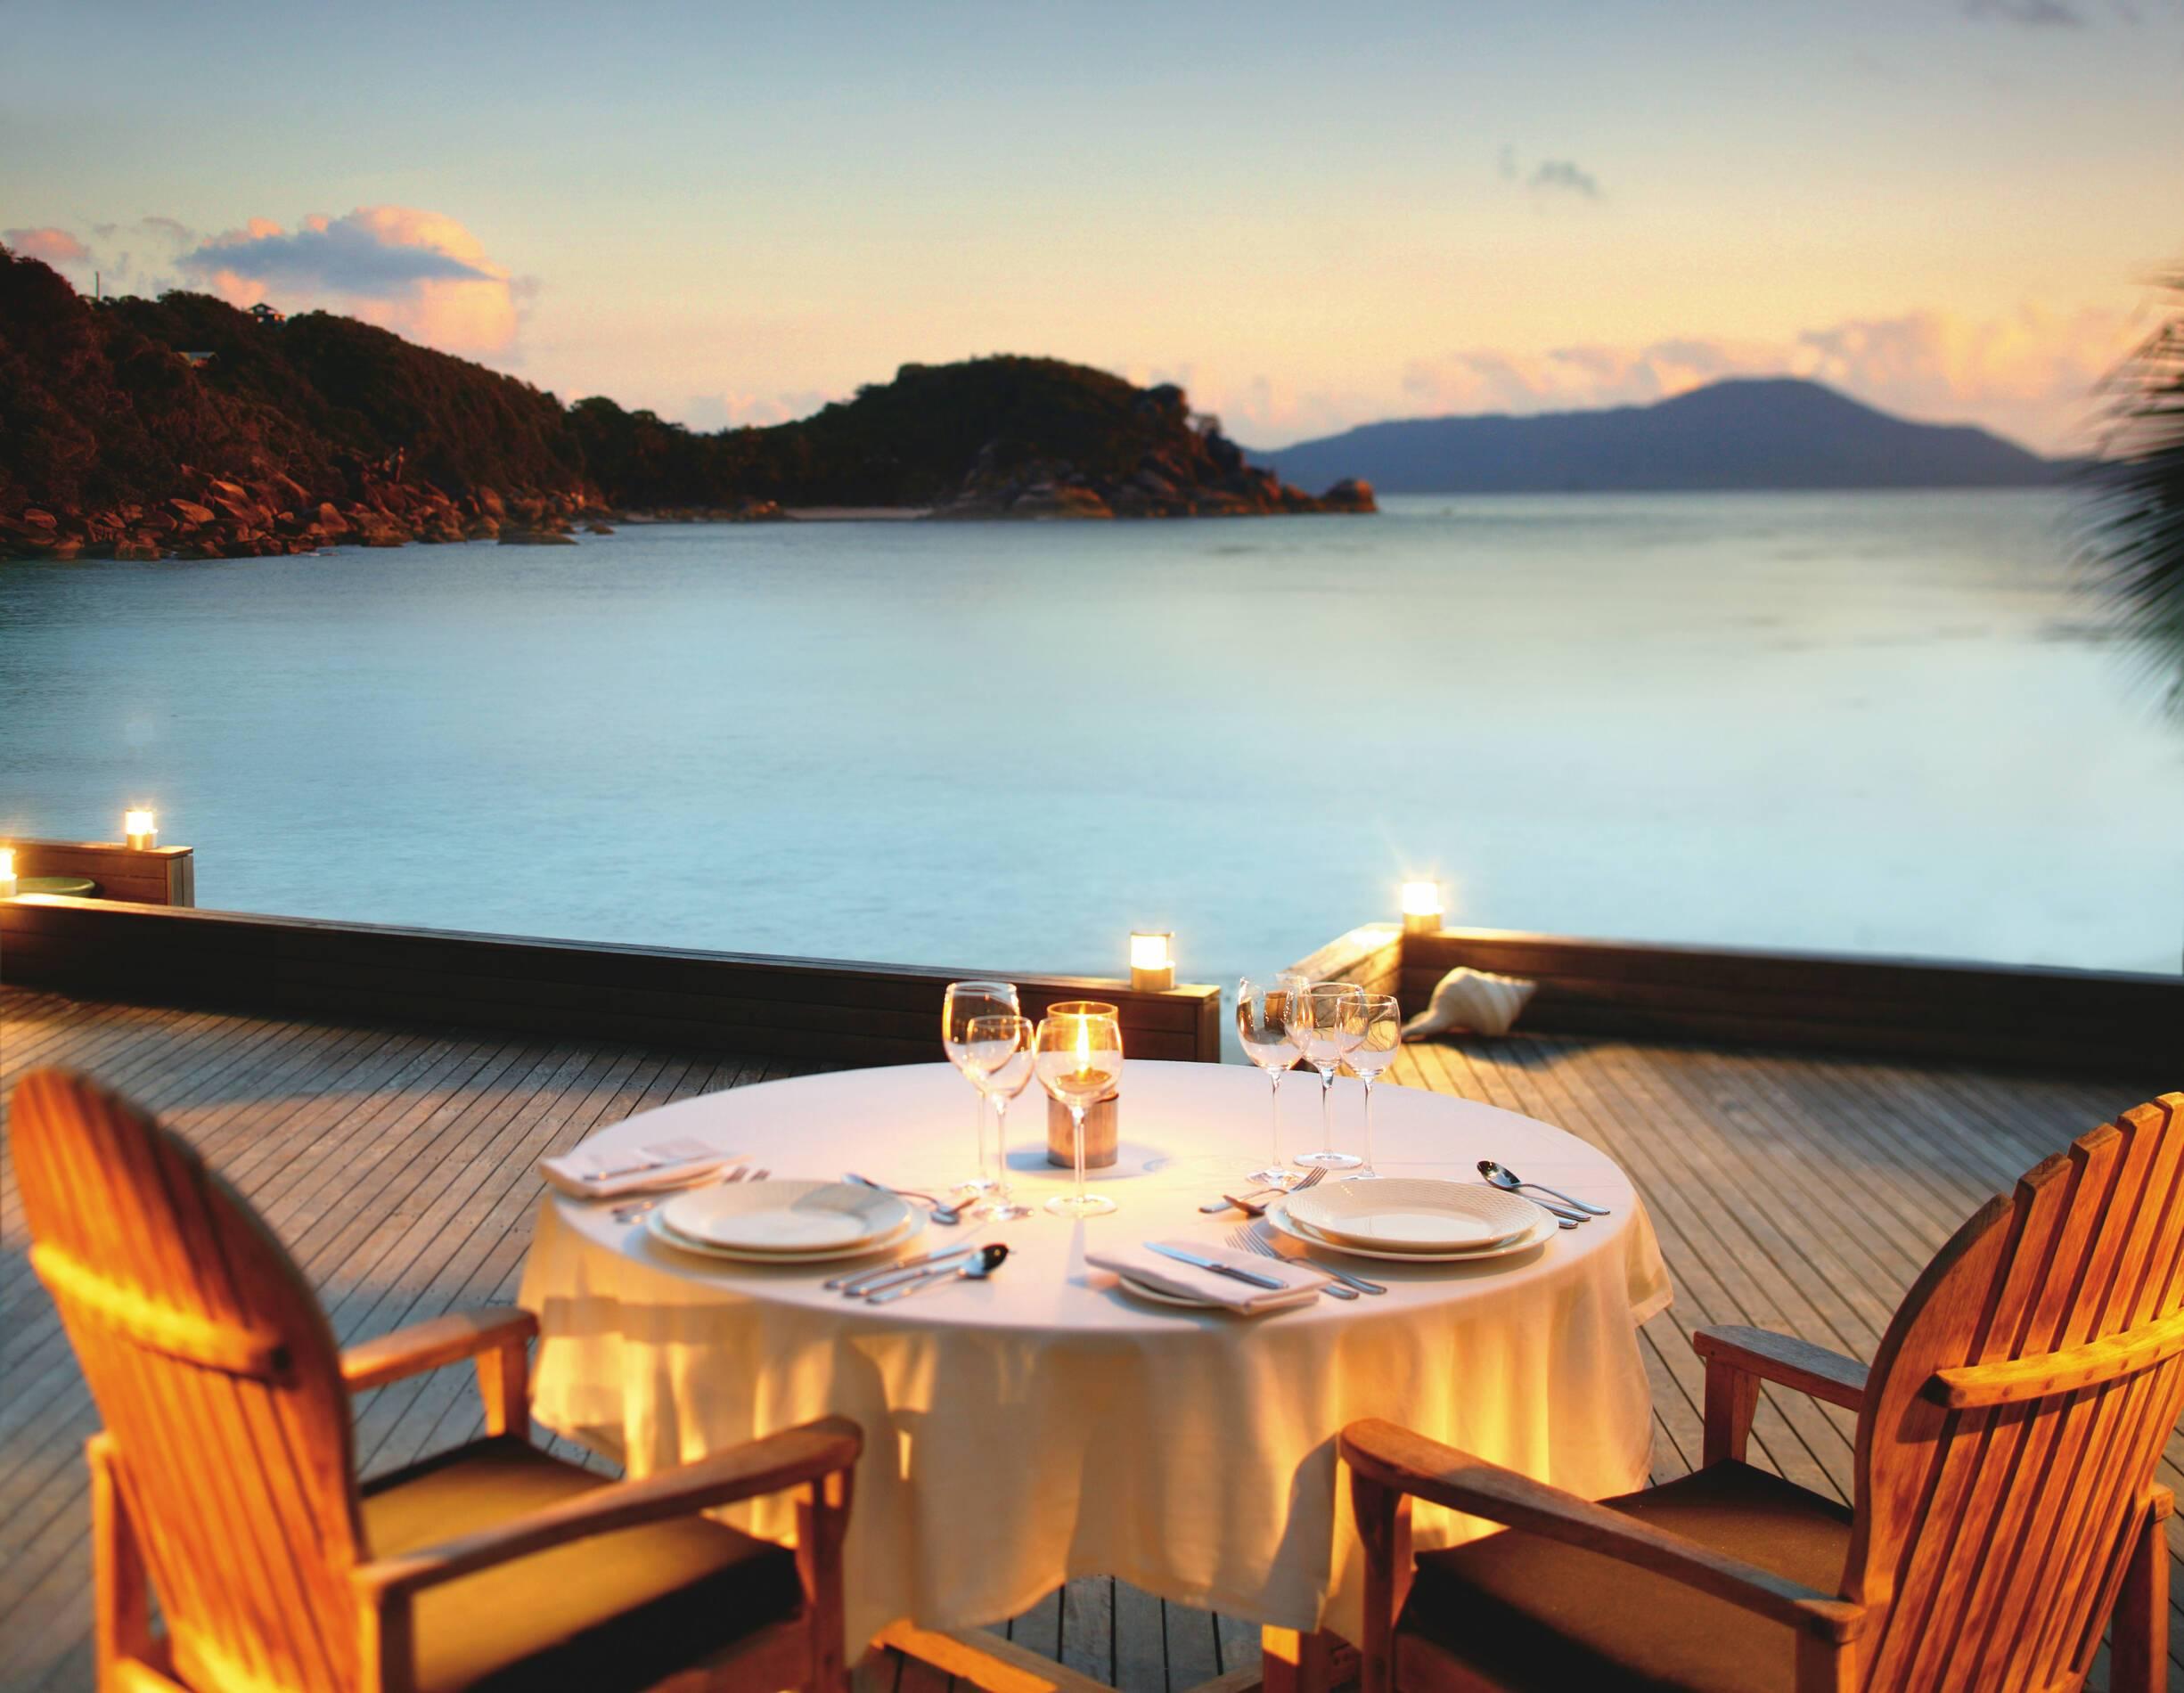 Bedarra Island Diner Prive Vue Baie Australie